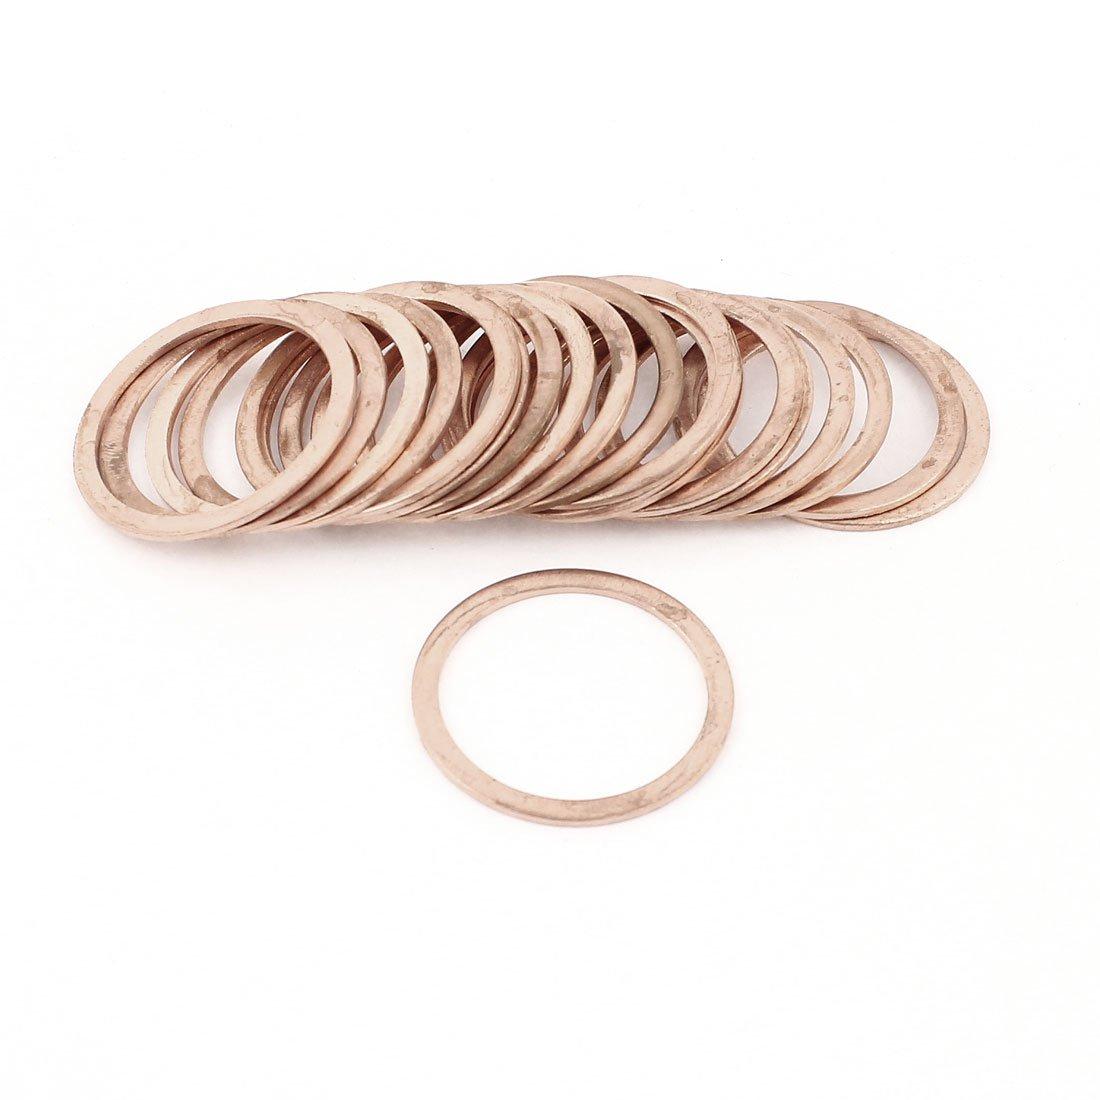 20 Pcs 33mm Inner Diameter Flat Copper Washer Oil Seal Ring Spacer